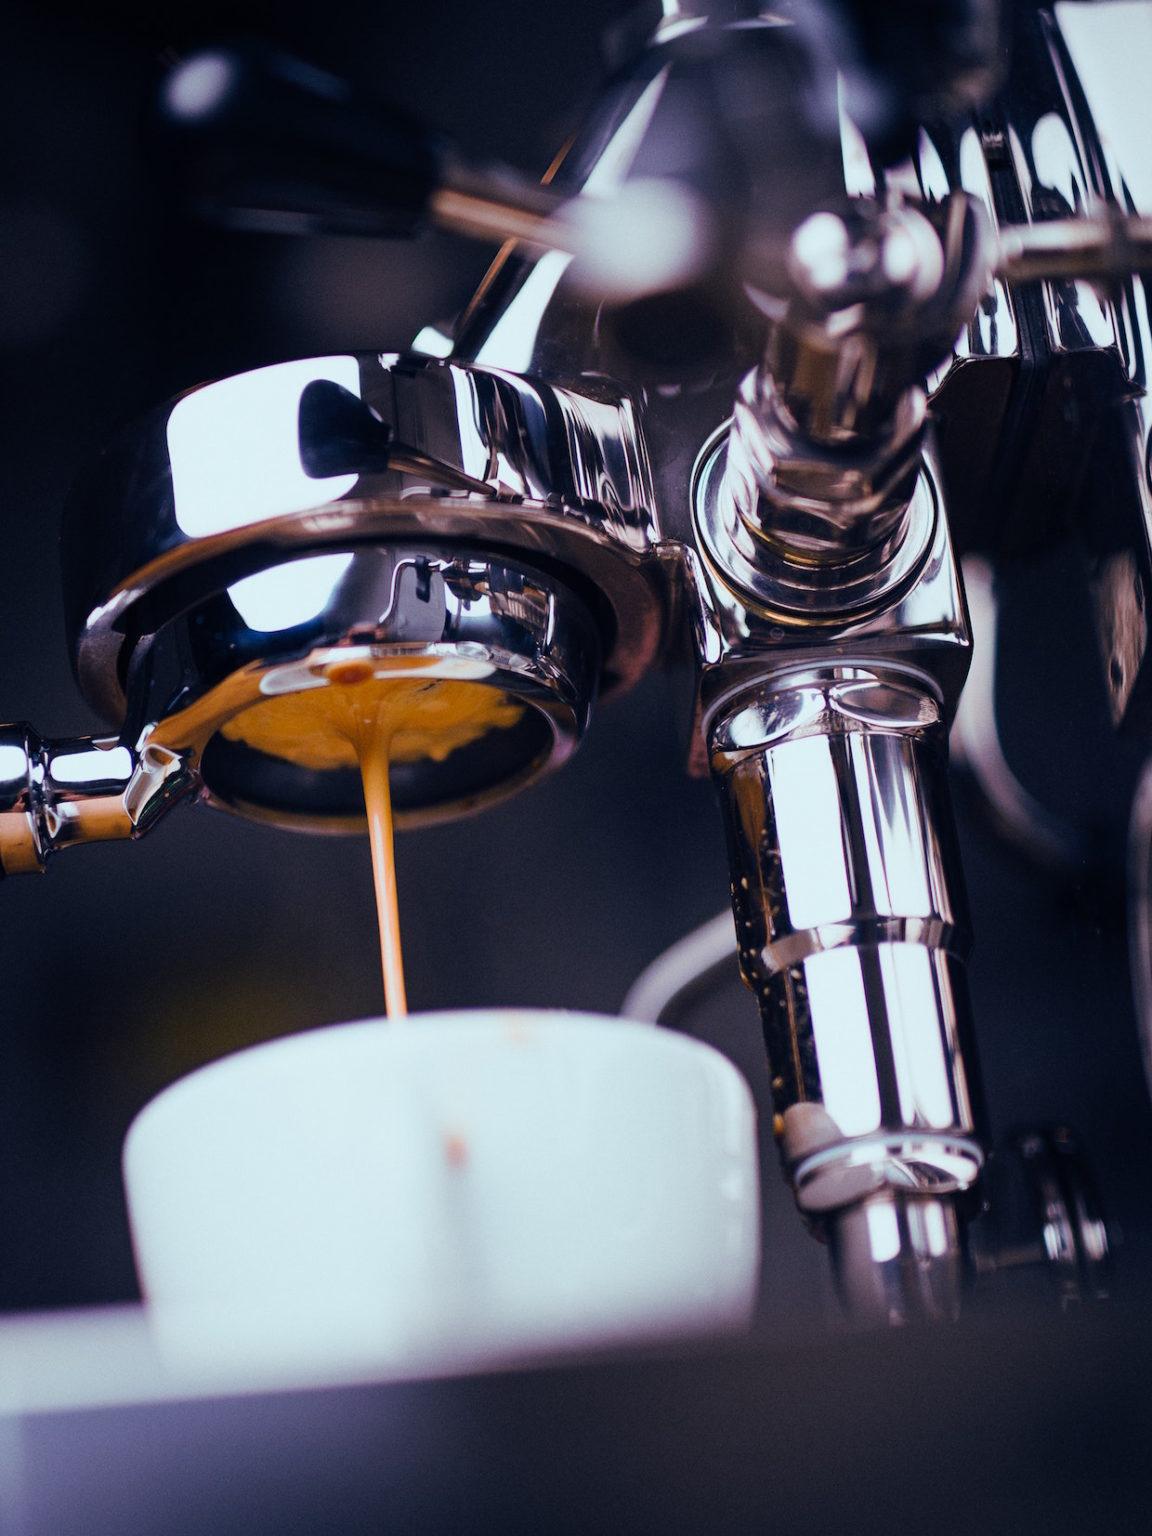 El shot corto: un nuevo estudio desafía al espresso tal y como lo conocemos!